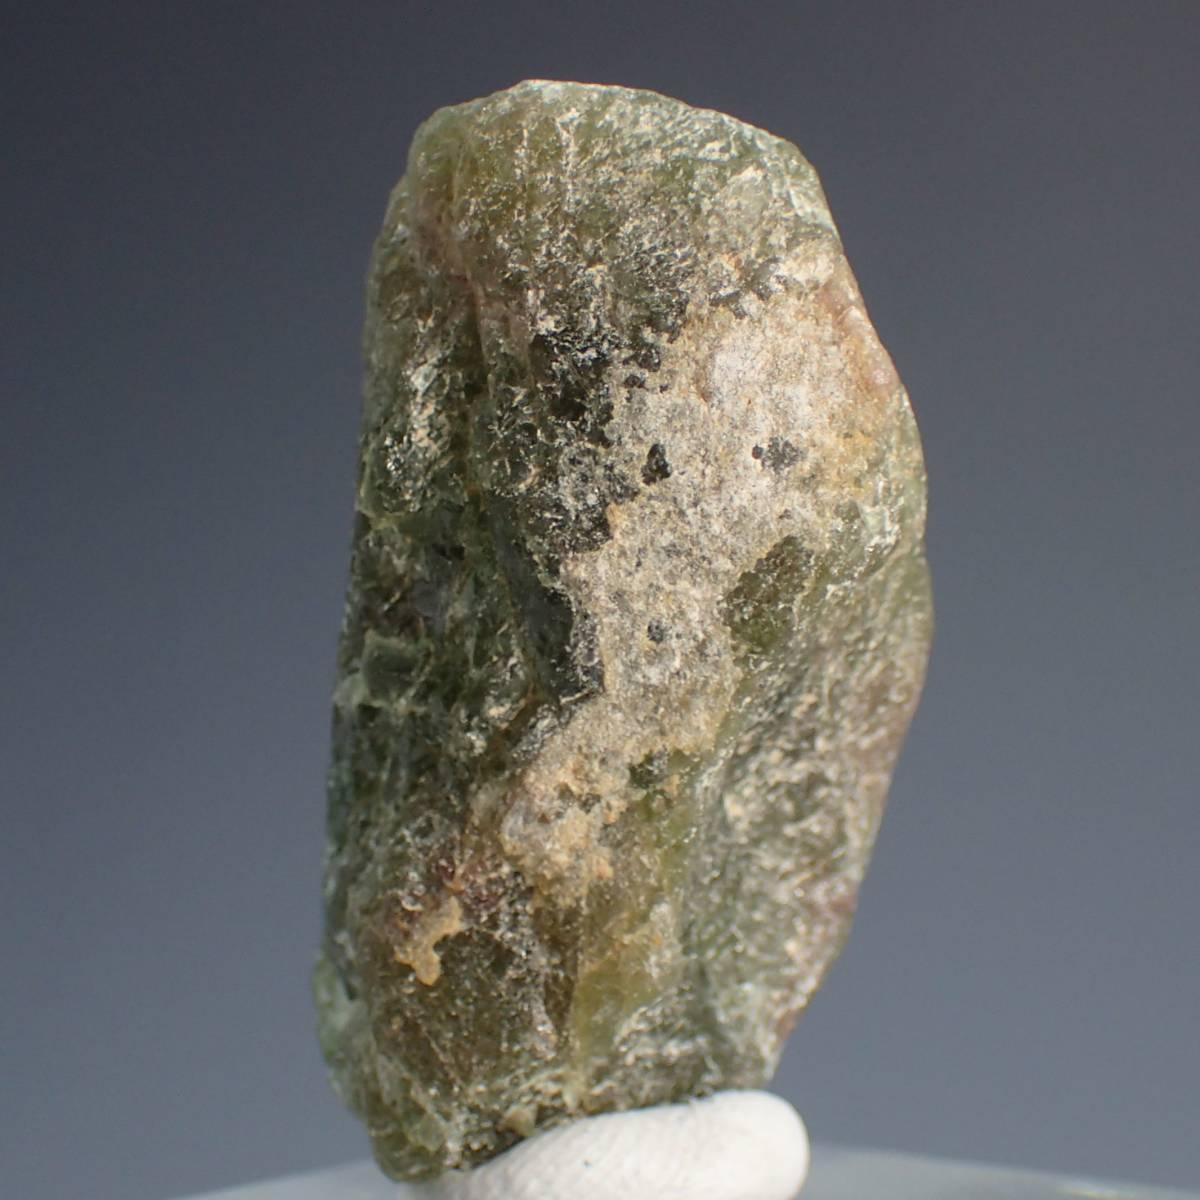 マダガスカル共和国産 グリーンアパタイト 原石 26.3g 天然石 鉱物標本 緑色燐灰石 パワーストーン_画像2